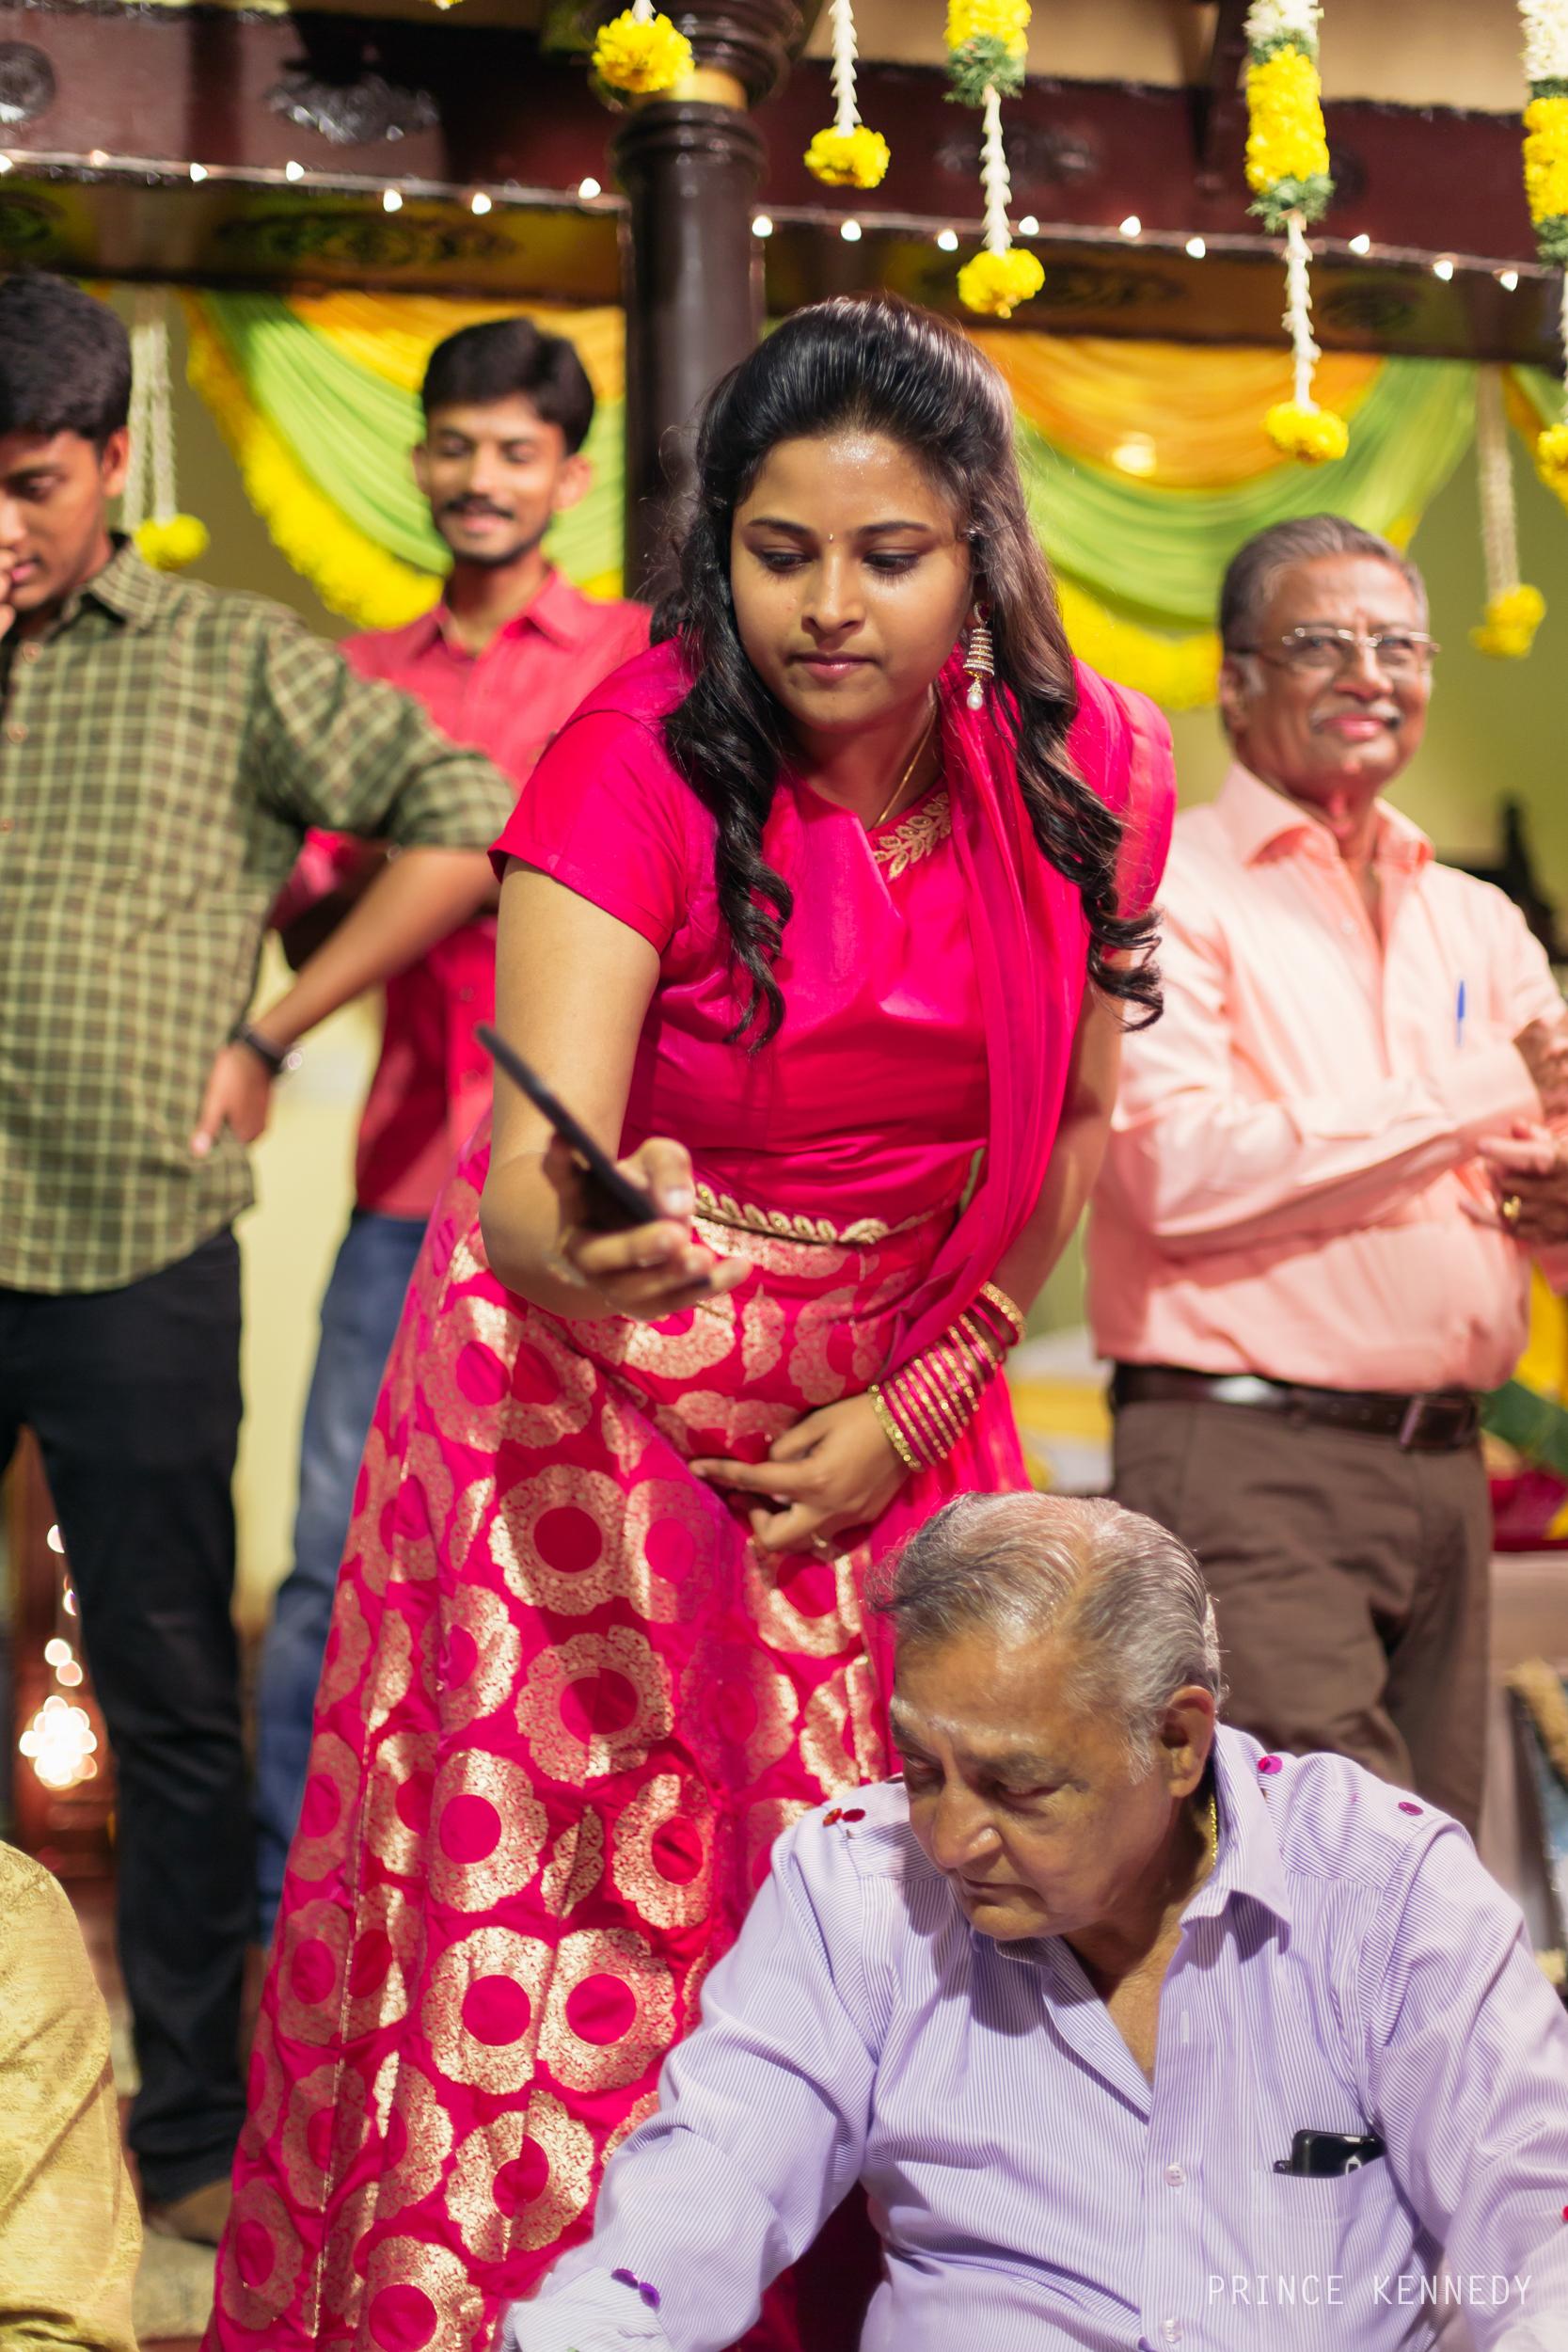 Engagement-Couple-Portrait-Portraiture-Wedding-Couple-Portrait-Chennai-Photographer-Candid-Photography-Destination-Best-Prince-Kennedy-Photography-256.jpg